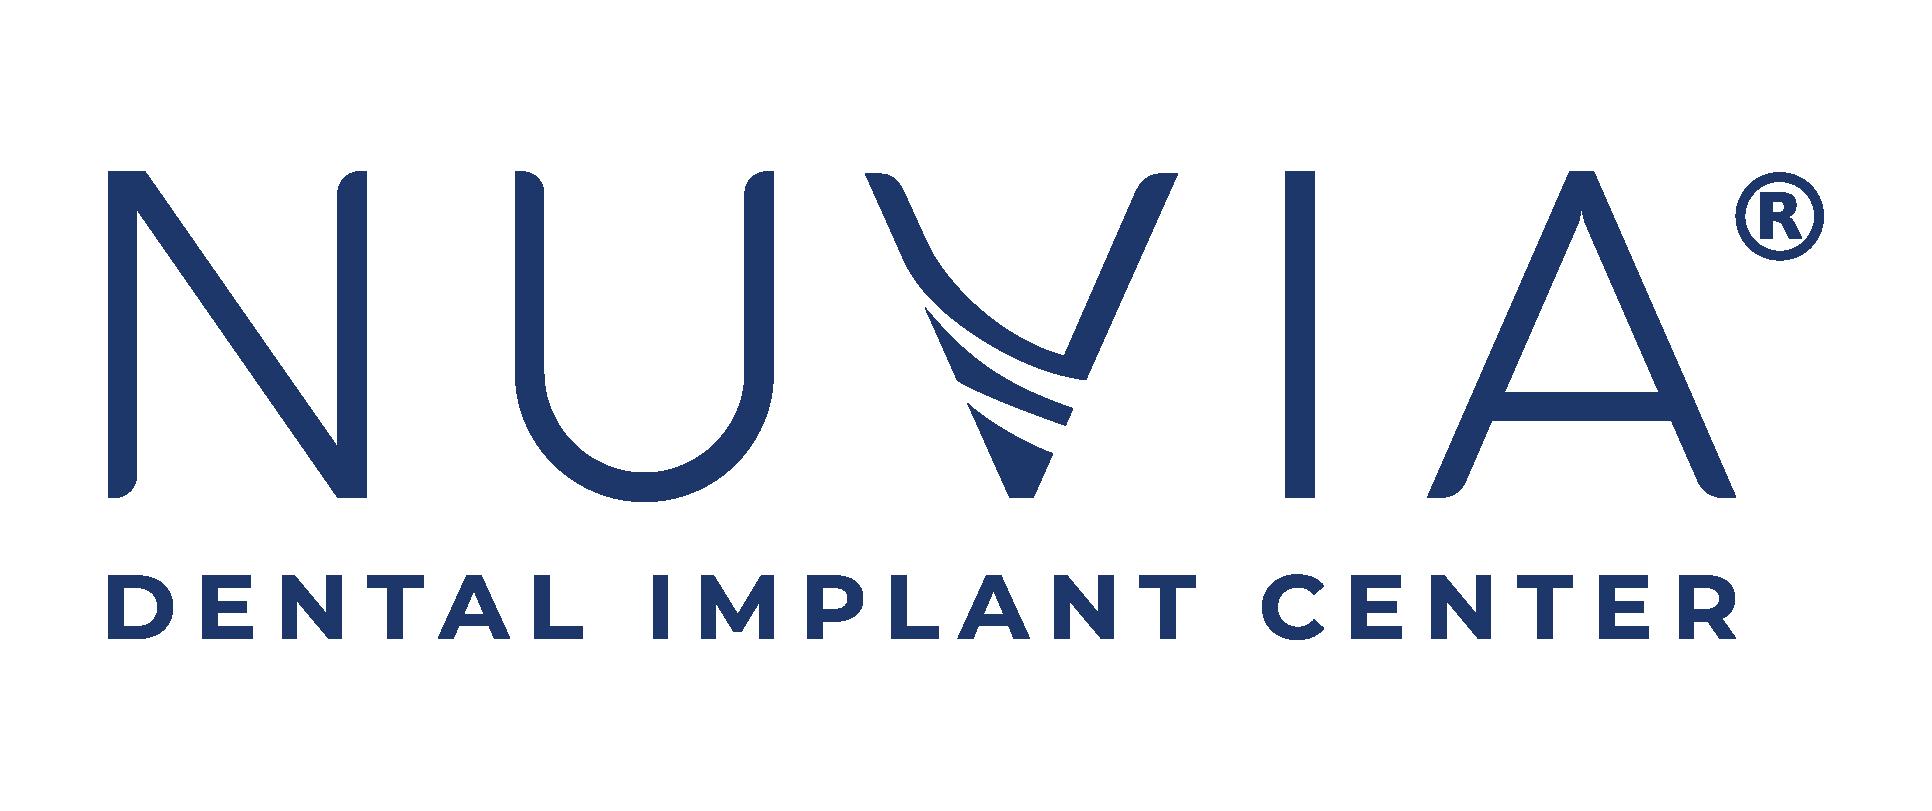 Nuvia Dental Implant Center Registered Logo